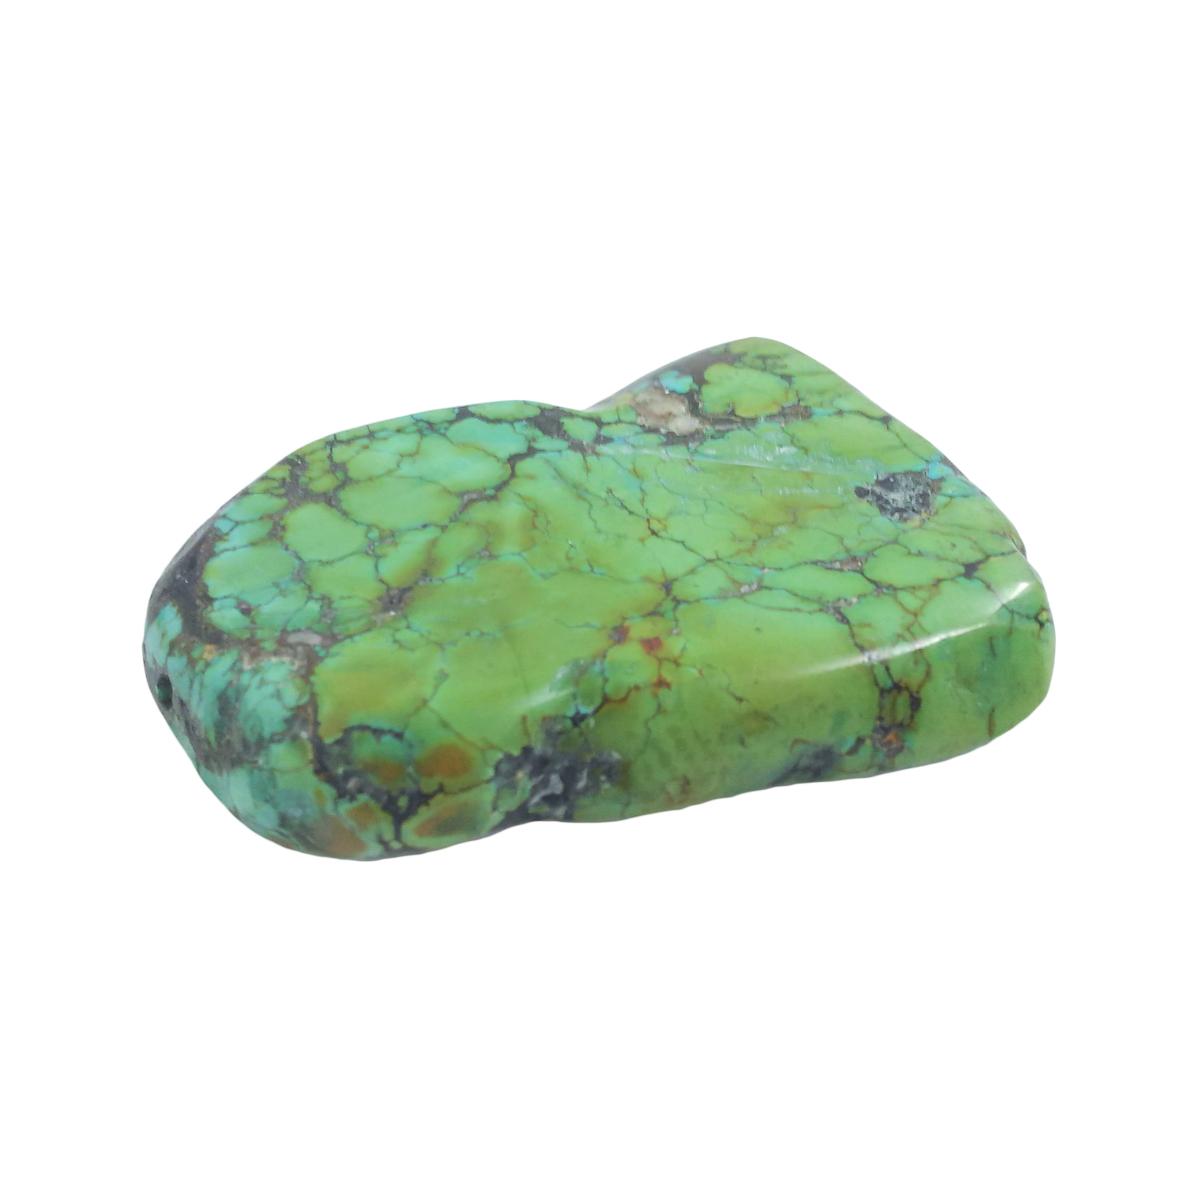 天然石パーツ ターコイズ トルコ石 スライスビーズ 約76.5x59.2x12mm 98g